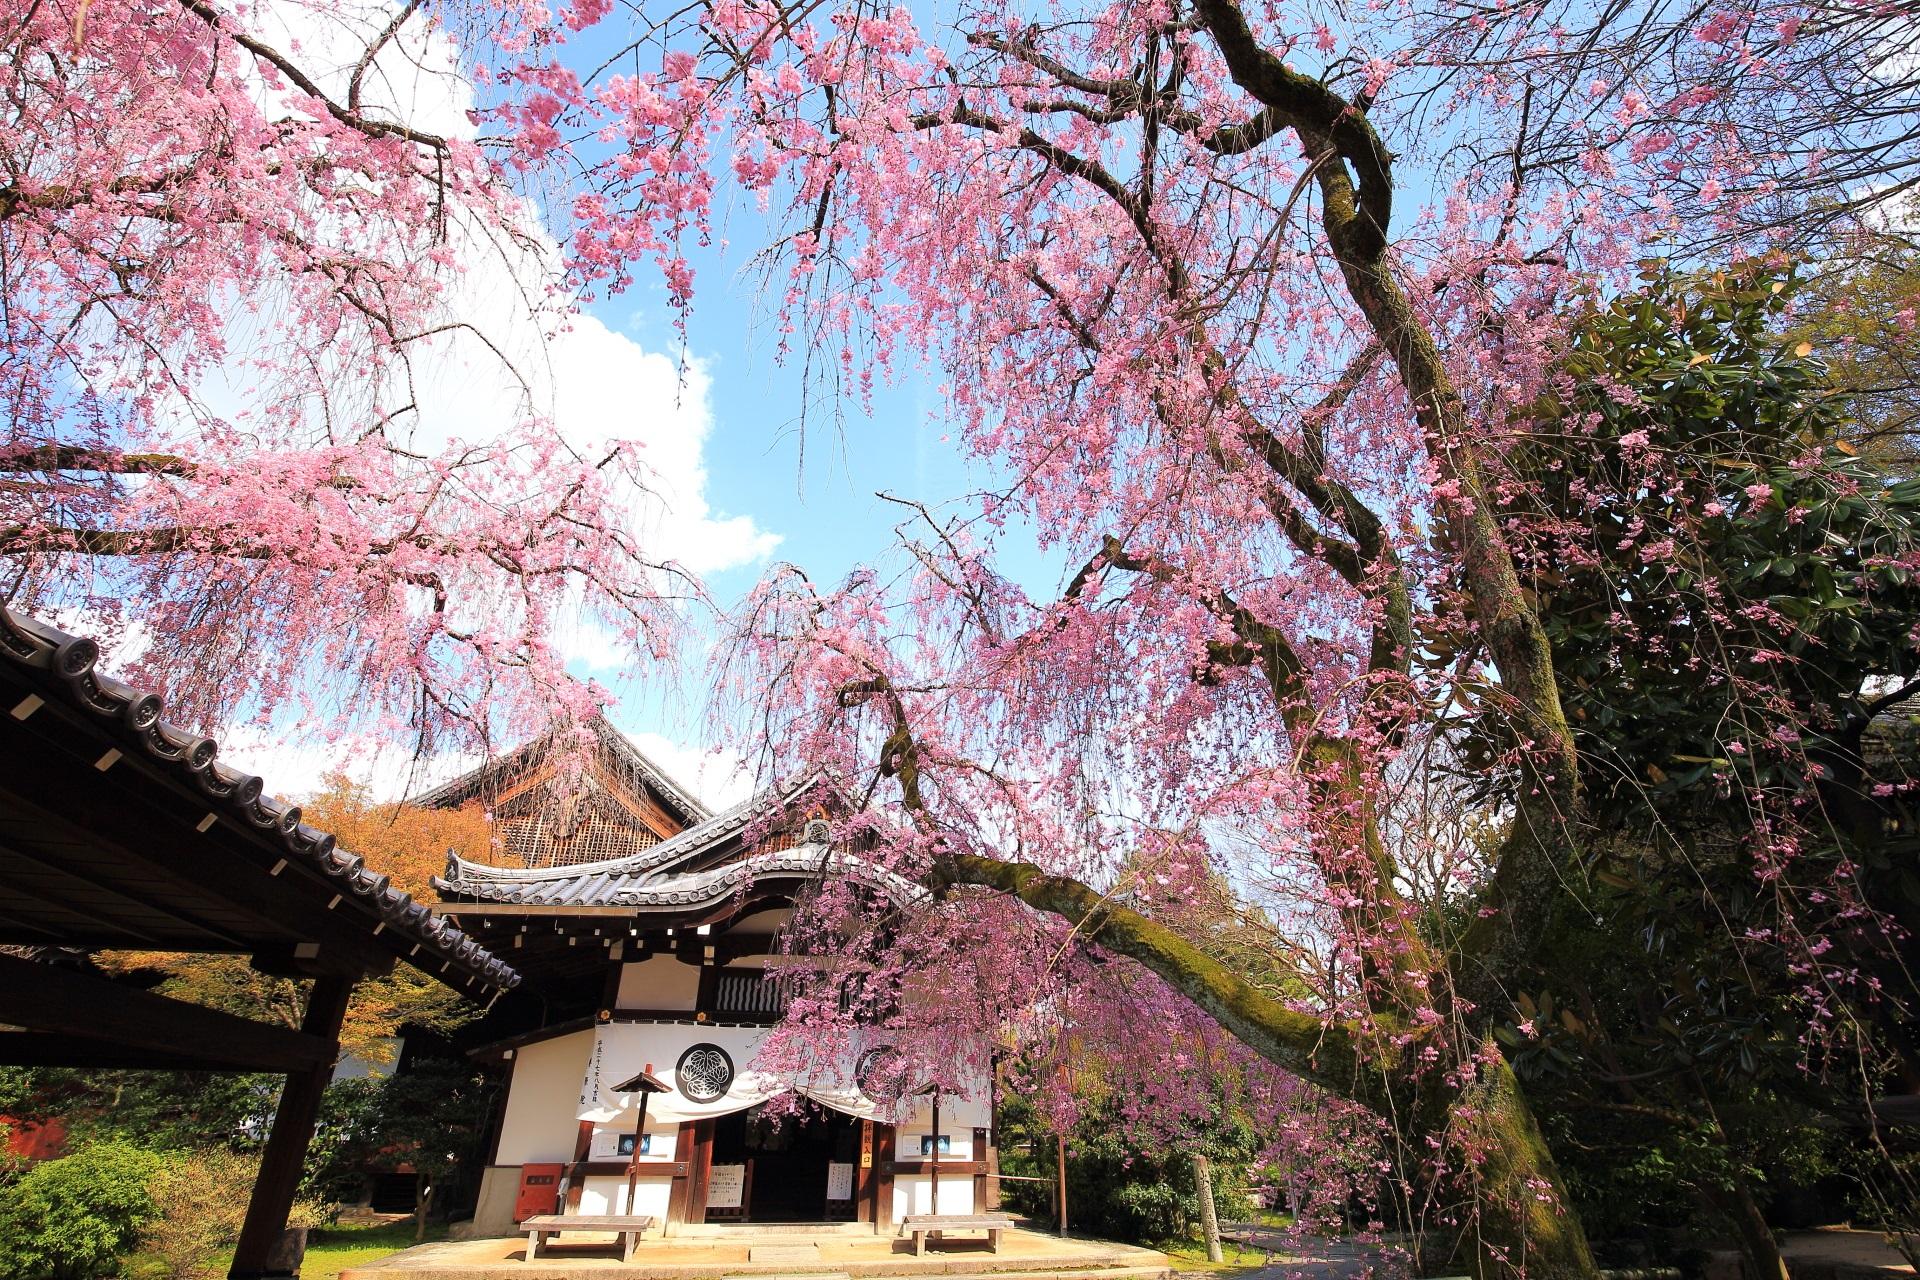 久々の青空の下の玄関としだれ桜